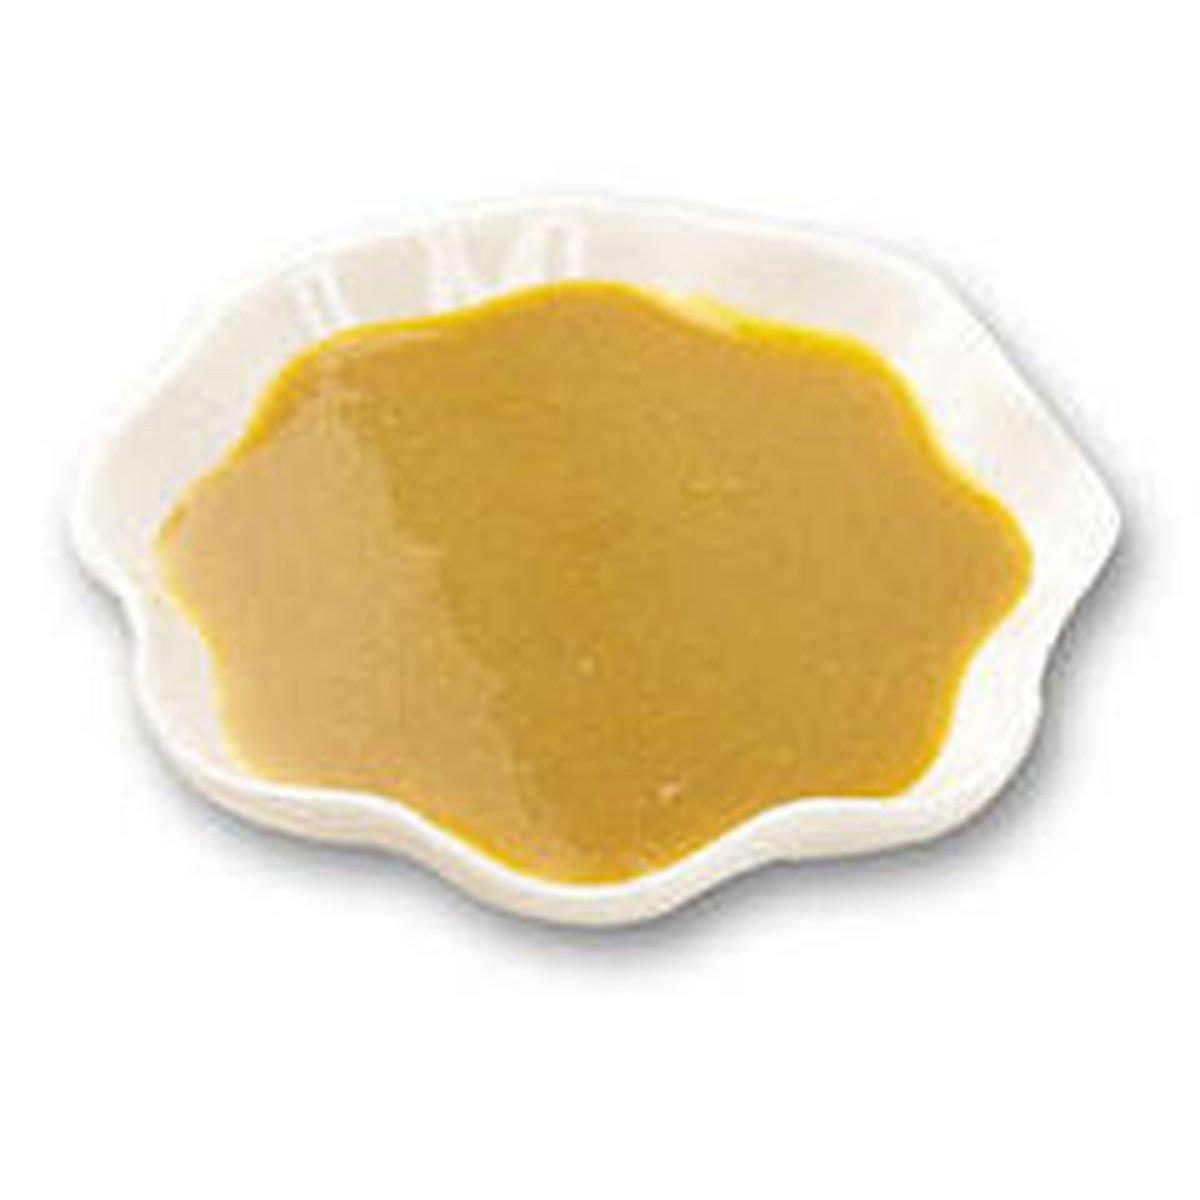 食譜:蜂蜜芥末醬